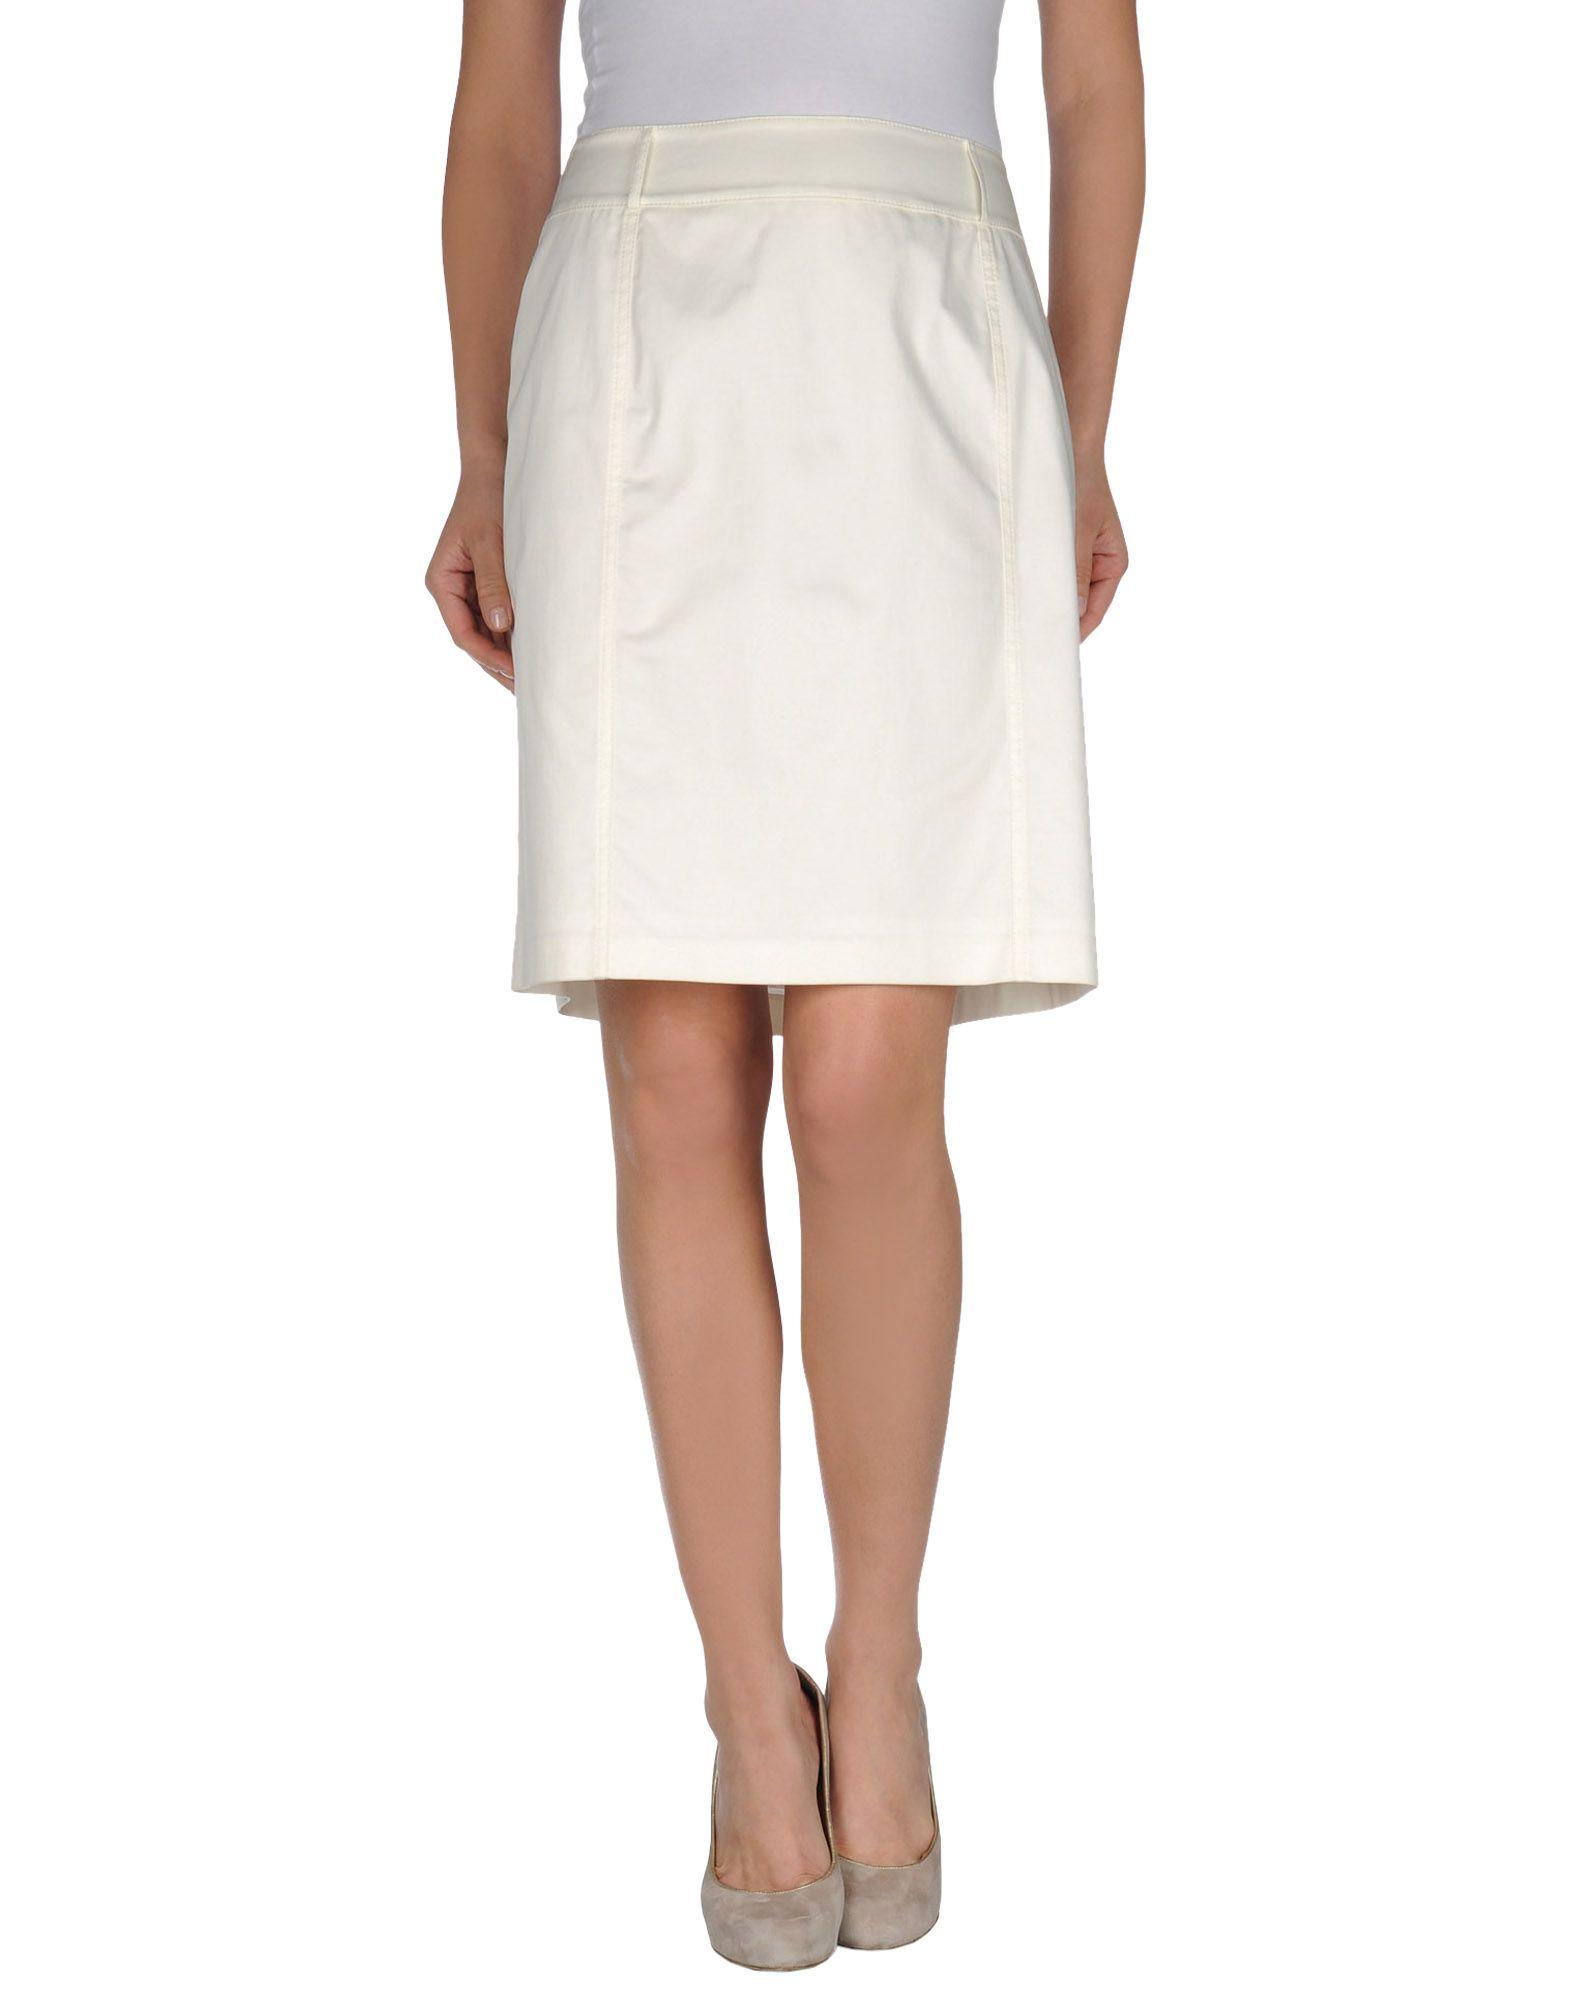 Strenesse Knee Skirt Length White Lyst In lFK31JcT